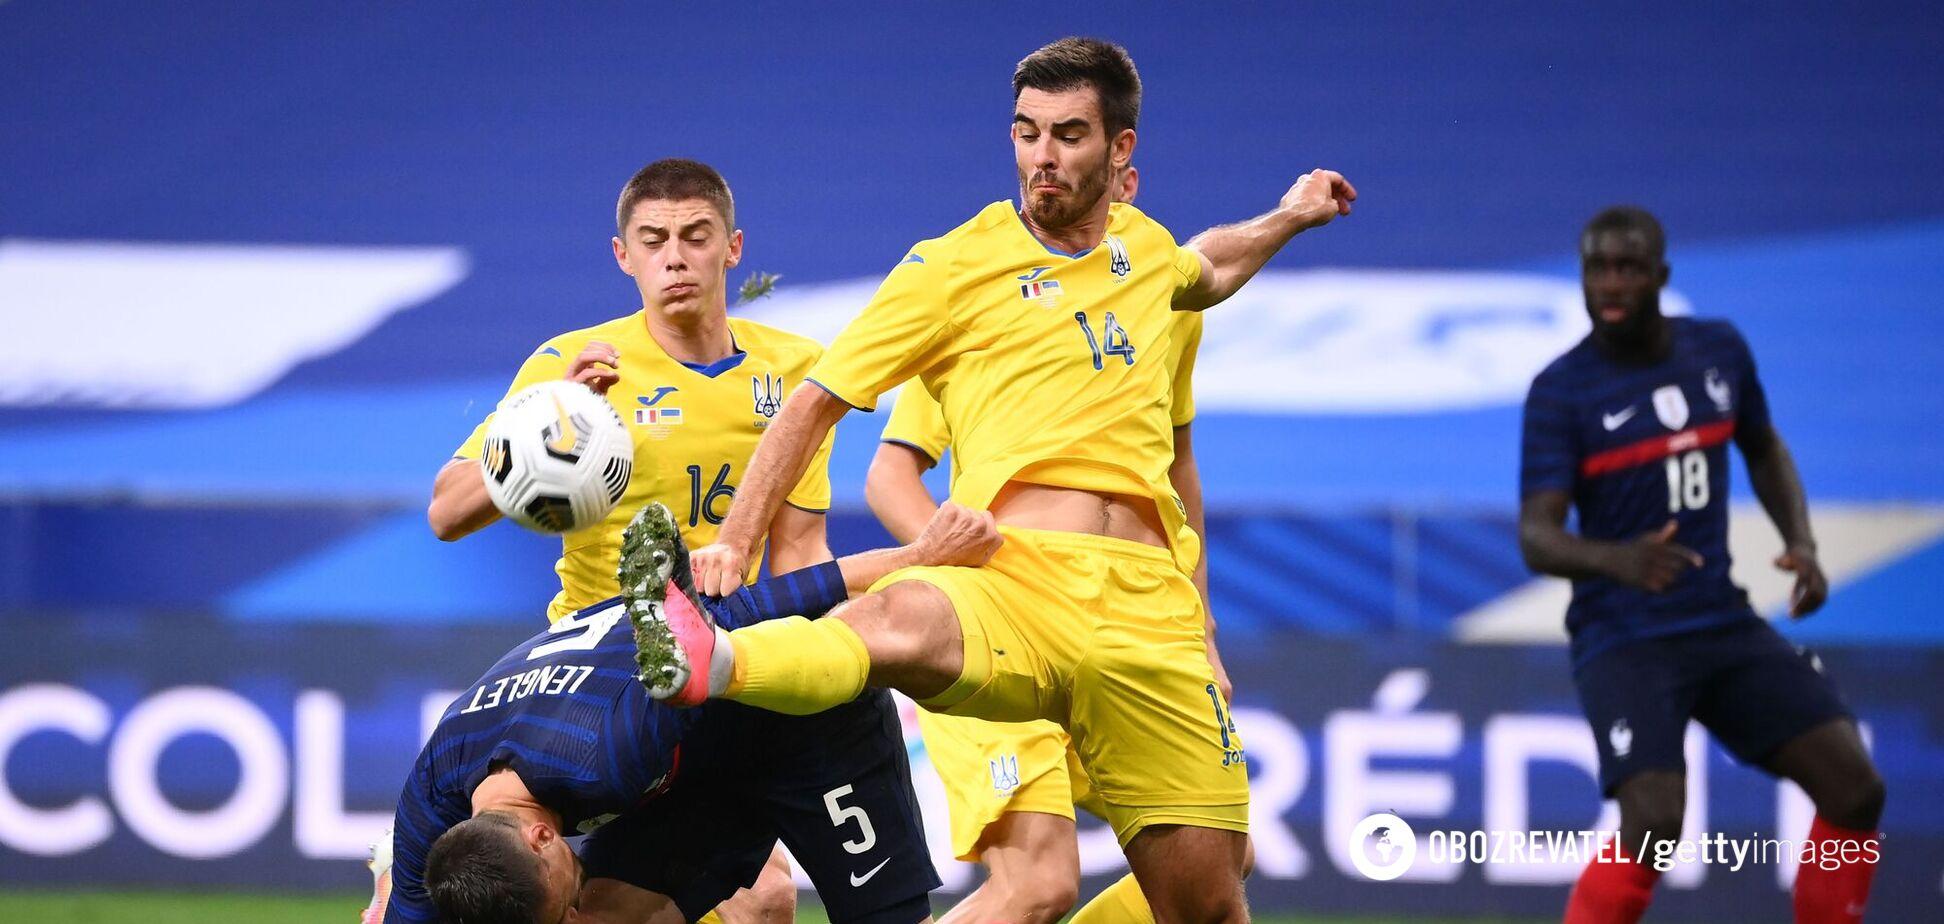 Игорь Харатин в матче против Франции